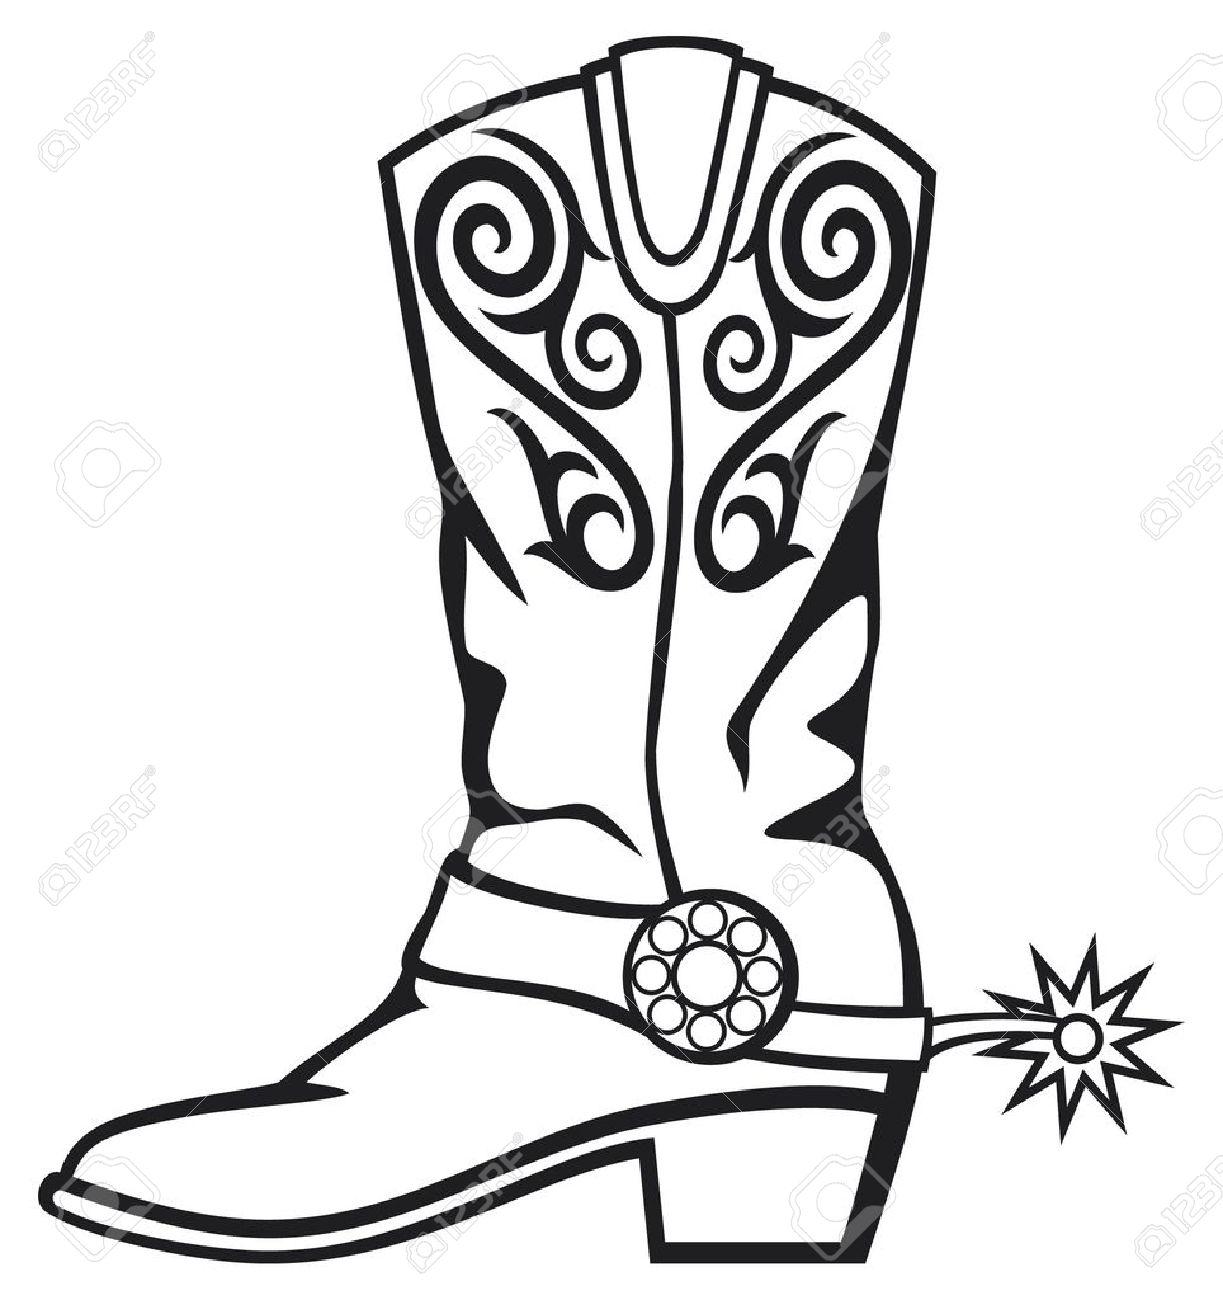 21 Cowboy Boots Clip Art